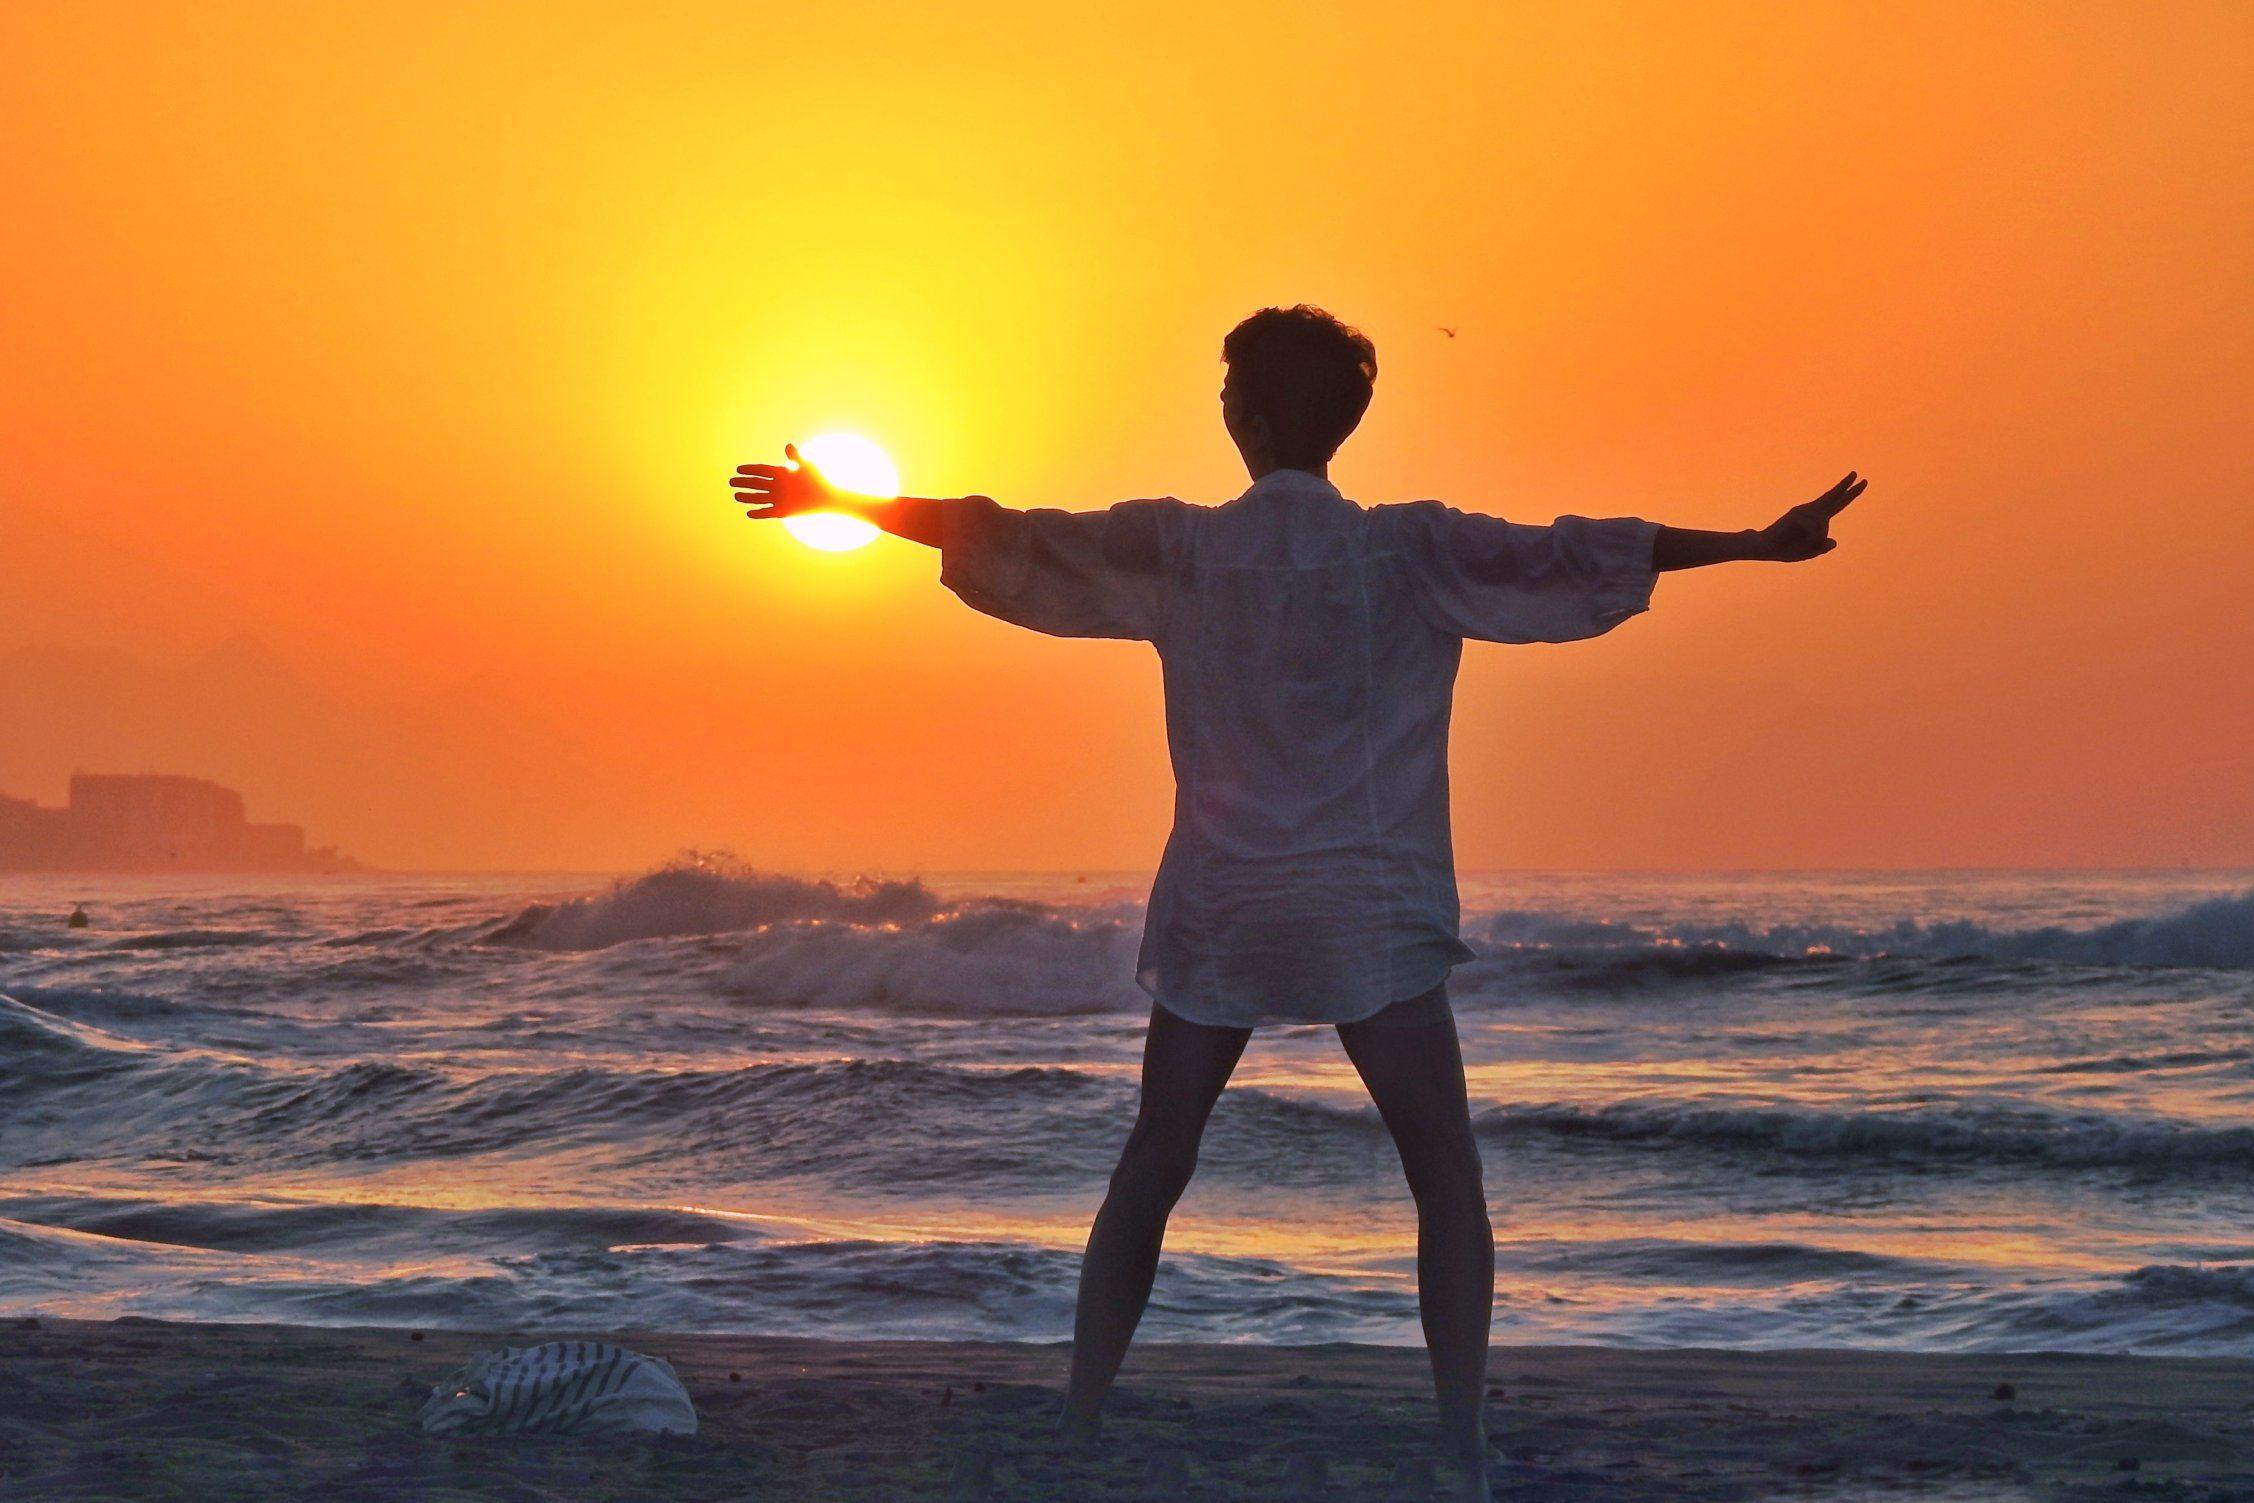 Costa del Sol summer 2020